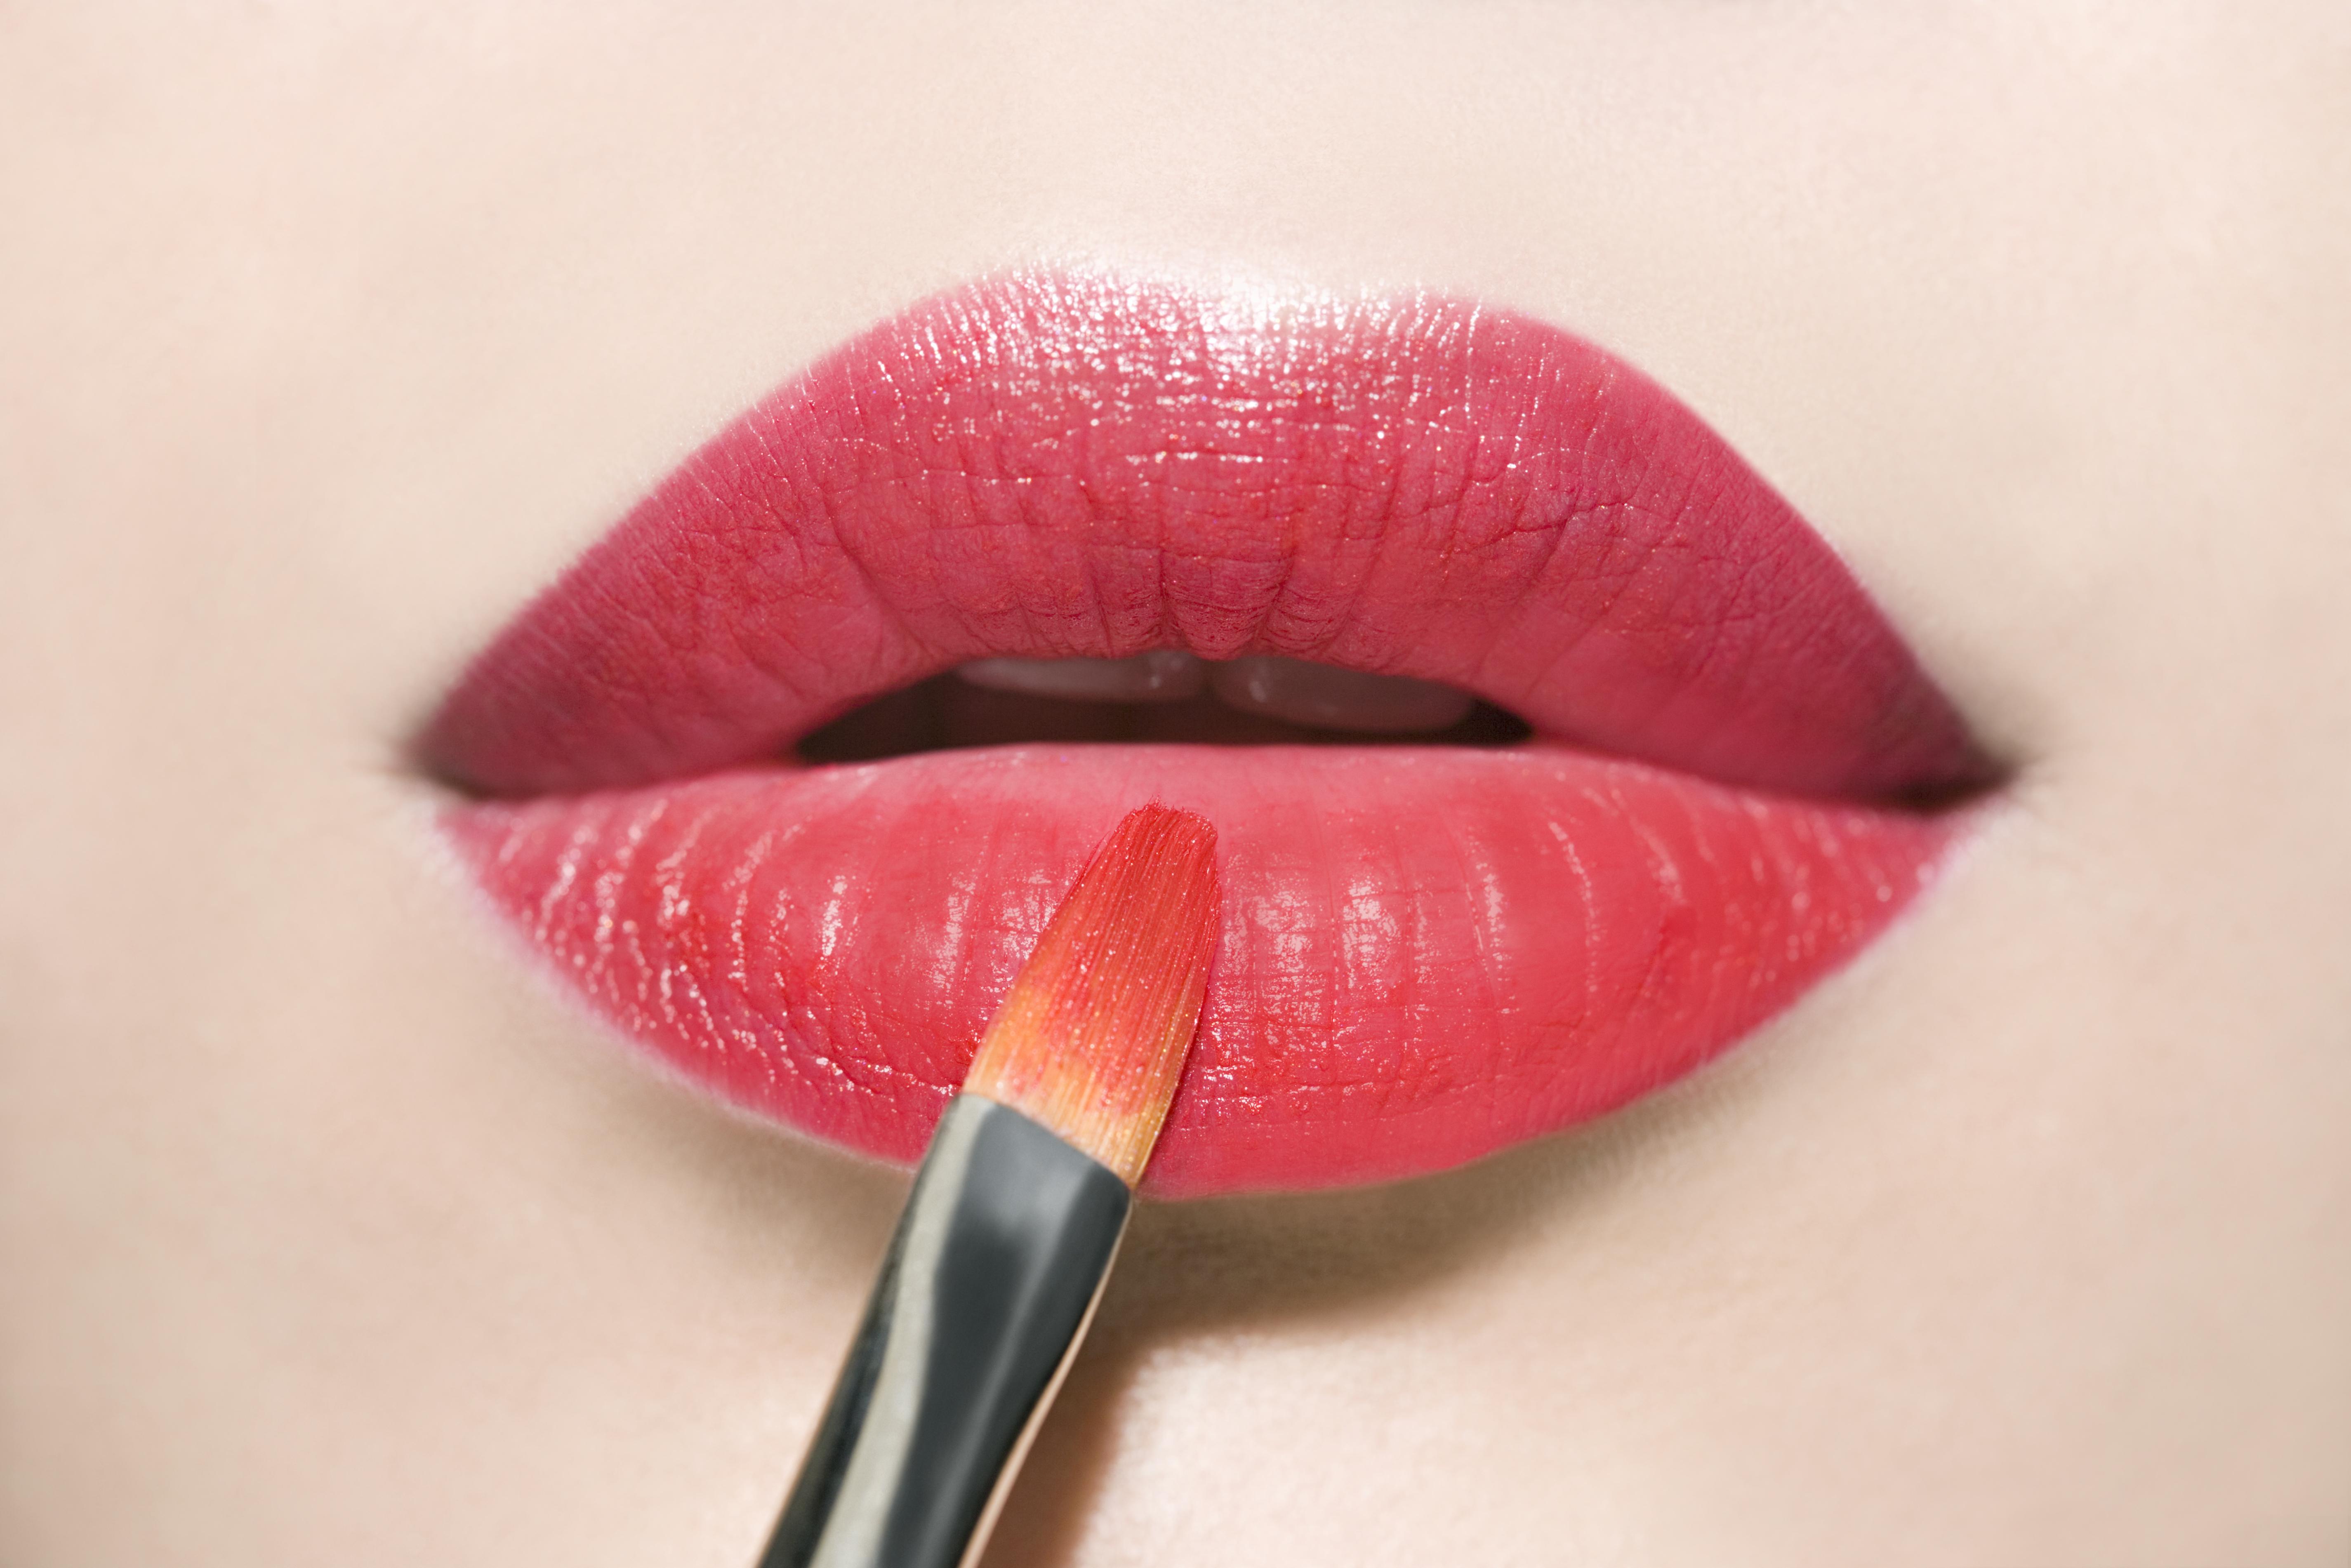 Applying red lipstick